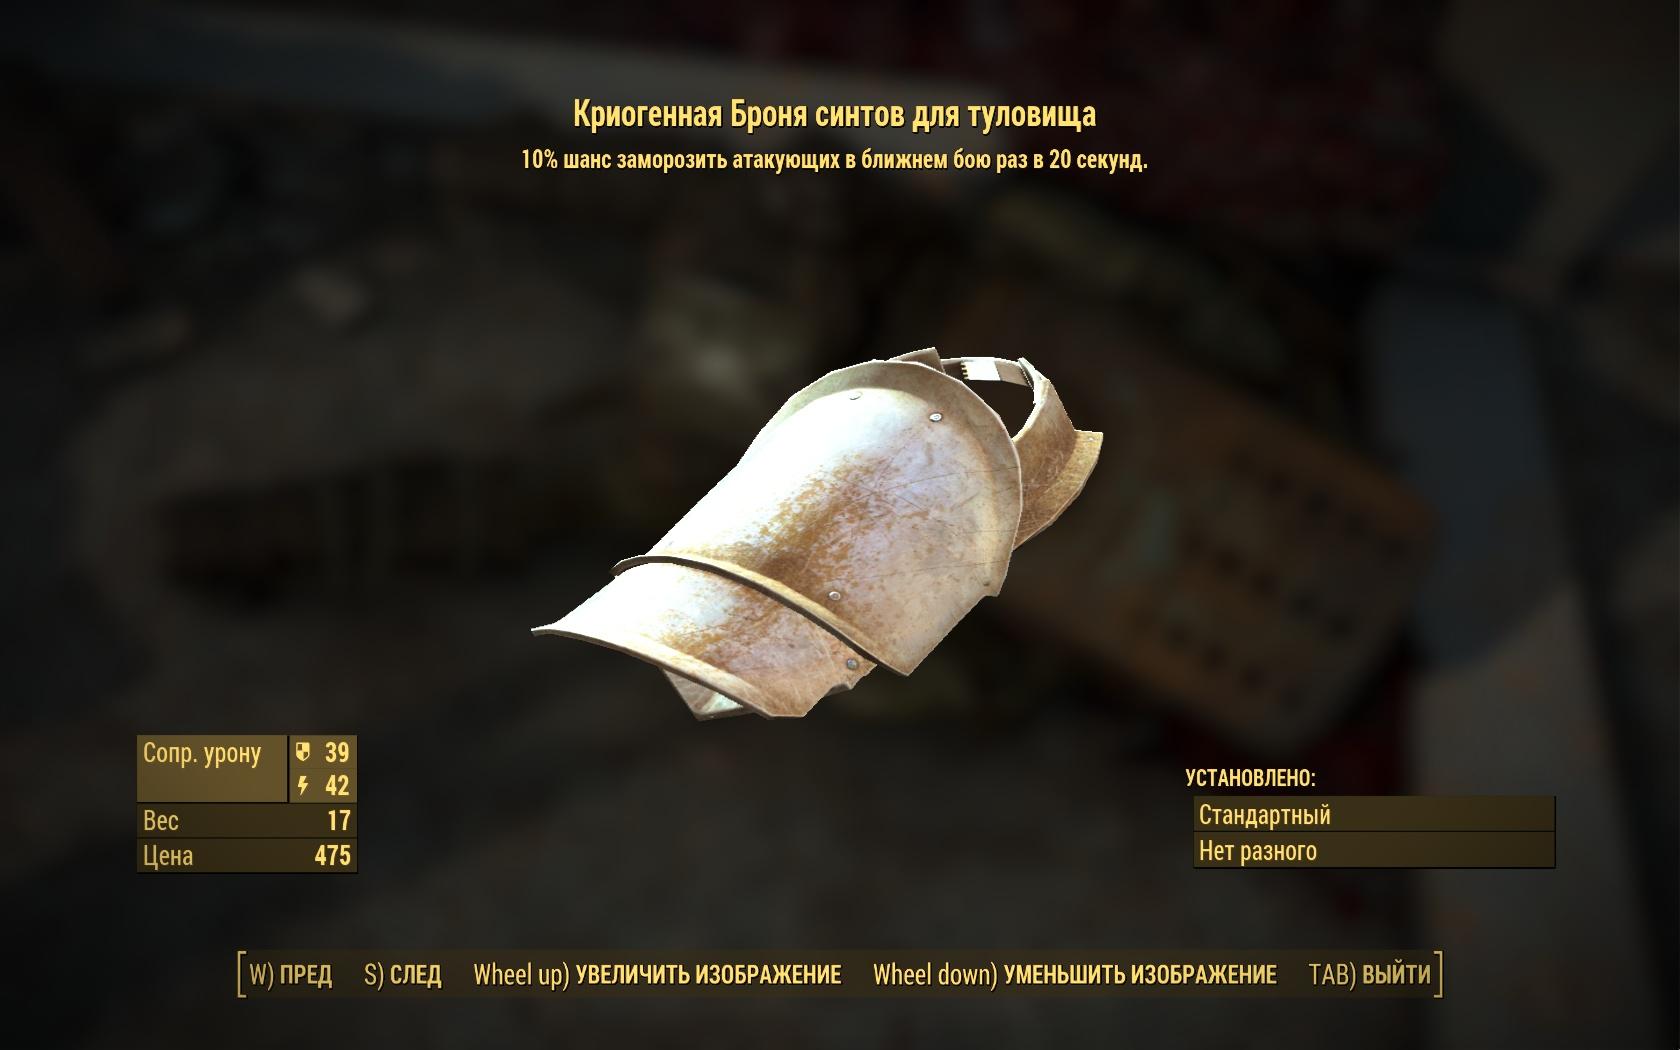 Криогенная броня синтов для туловища - Fallout 4 броня, Криогенная, Одежда